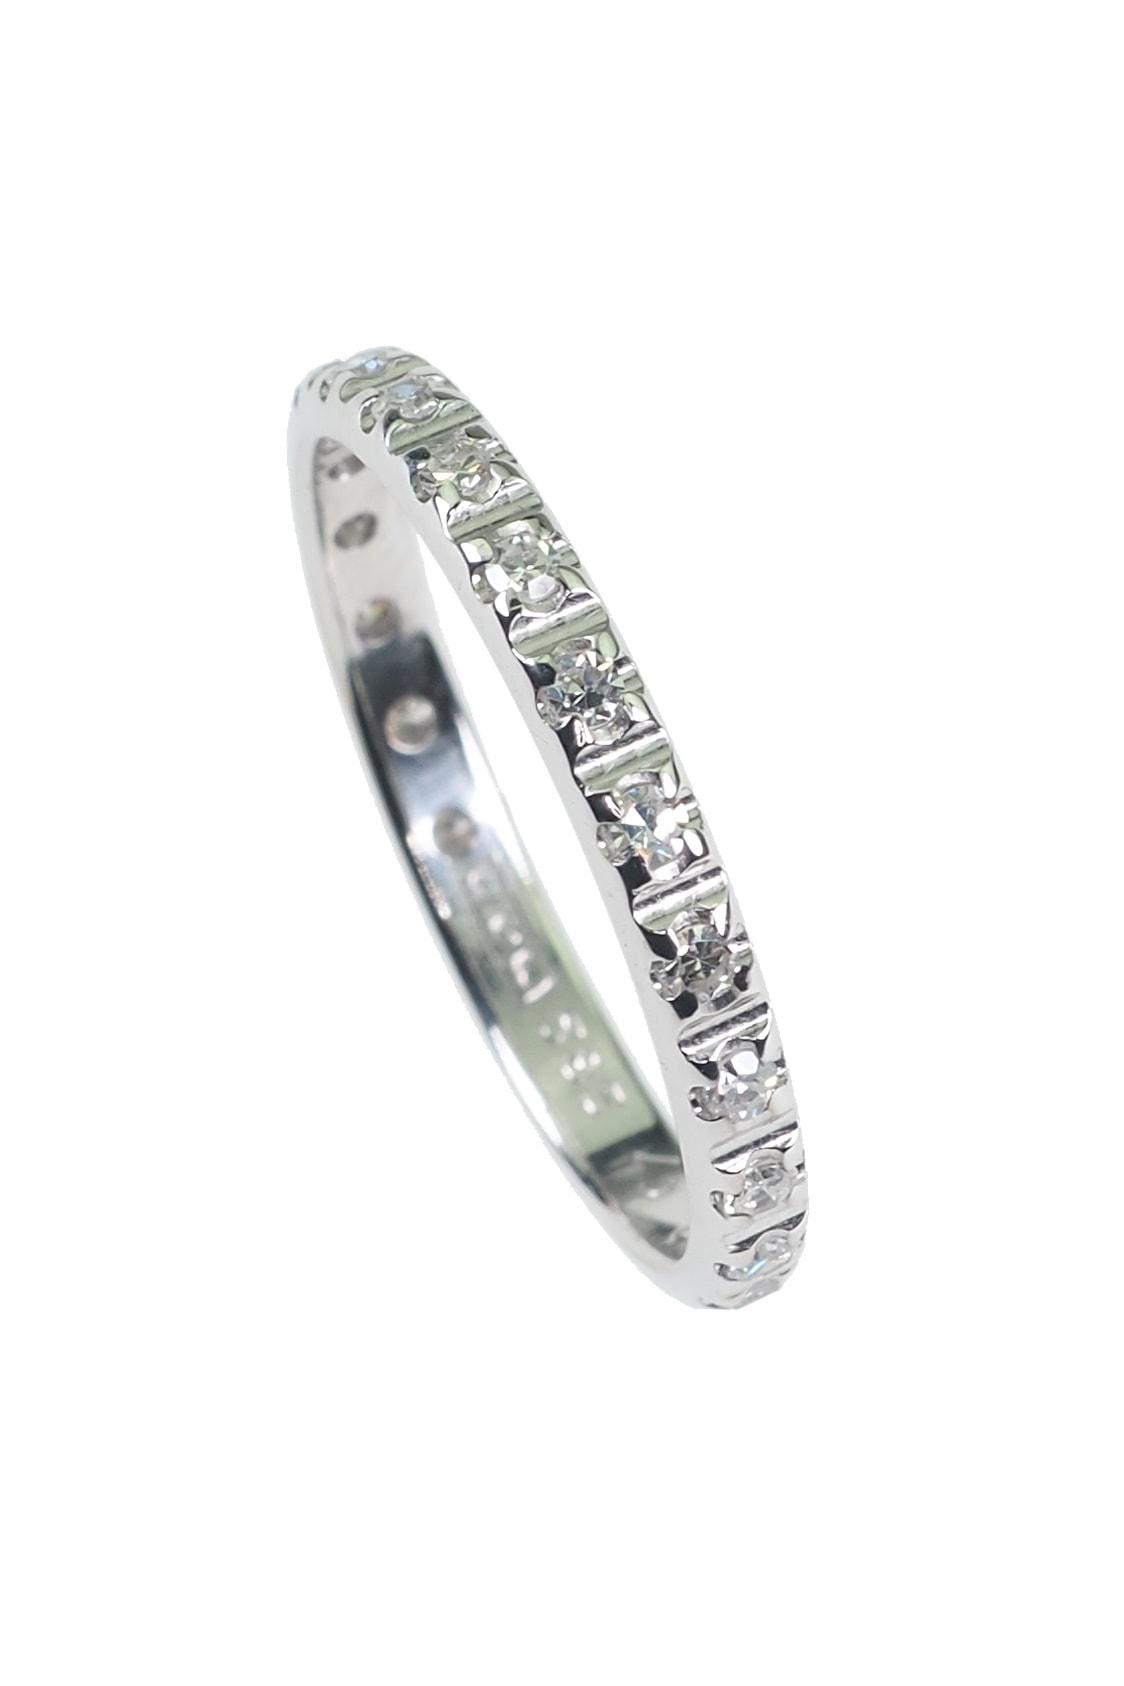 Diamantringe-online-kaufen-2002